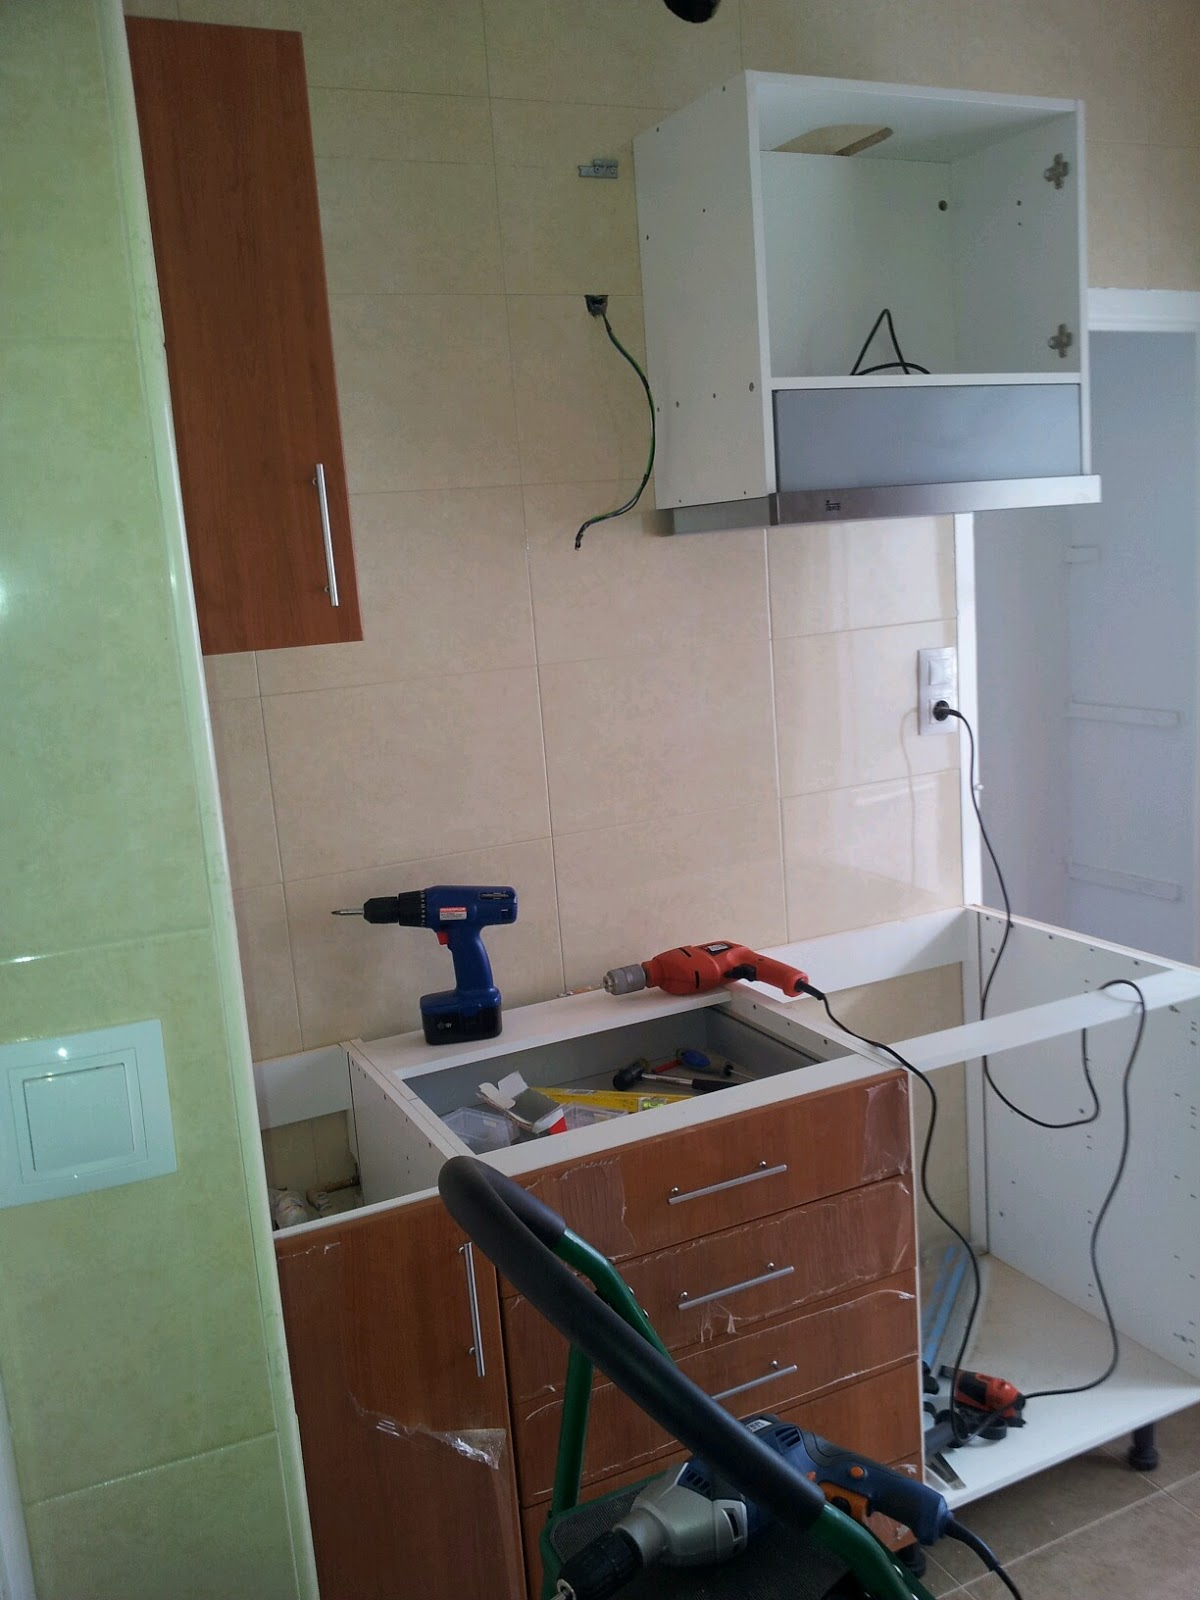 Brico montaje muebles de cocina y electrodom sticos - Montaje de cocina ...